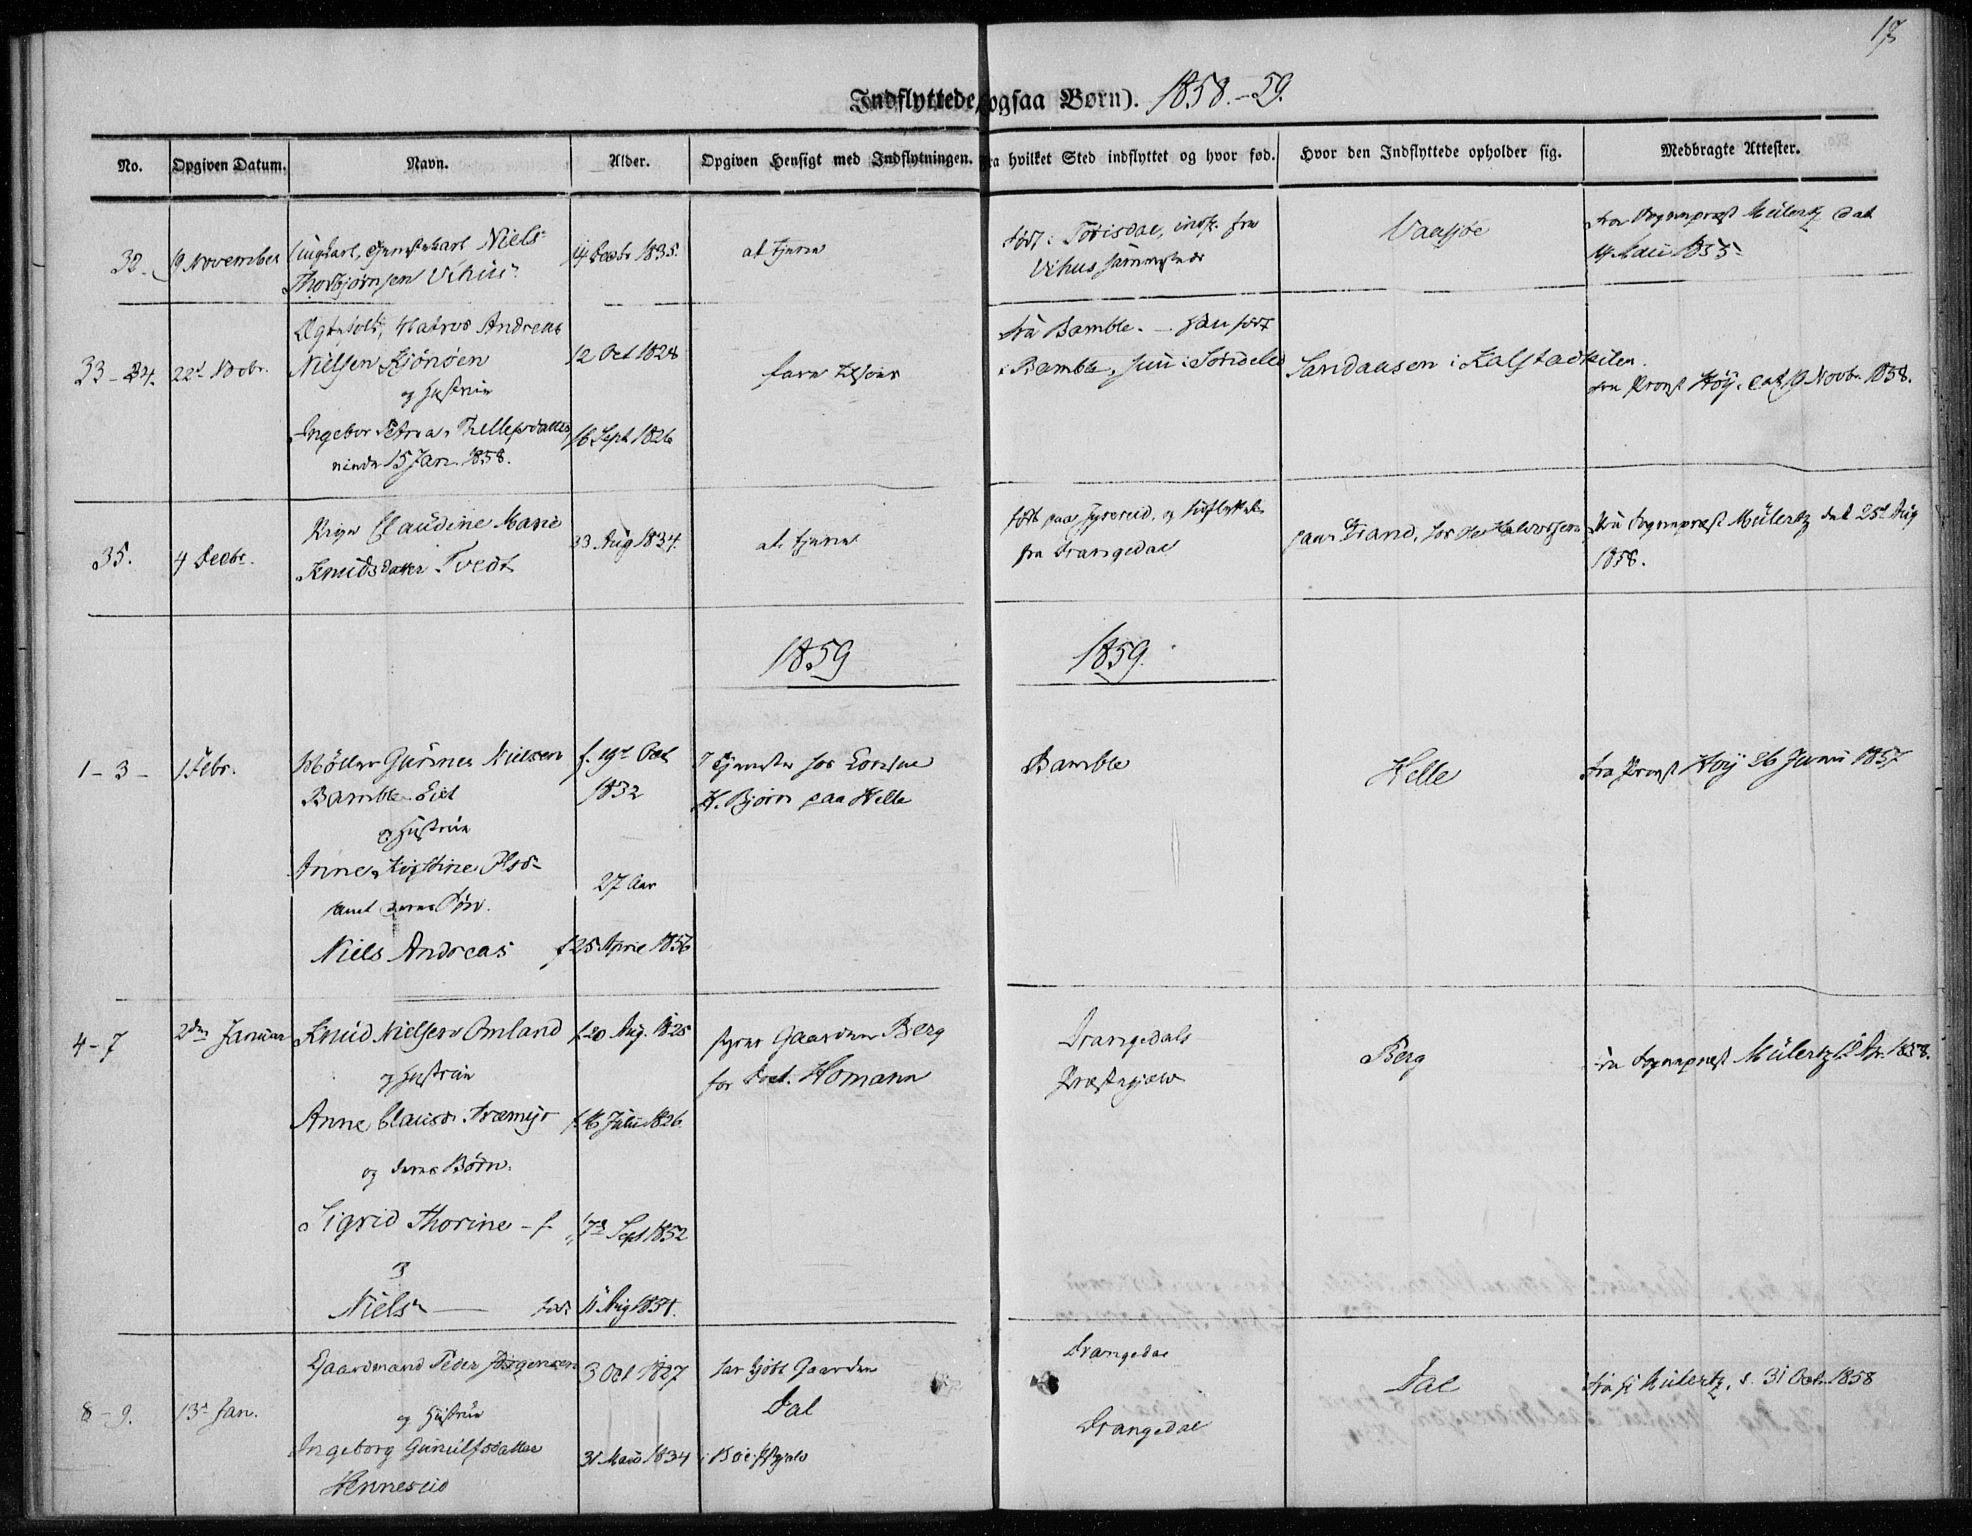 SAKO, Sannidal kirkebøker, F/Fa/L0013: Ministerialbok nr. 13, 1854-1873, s. 17